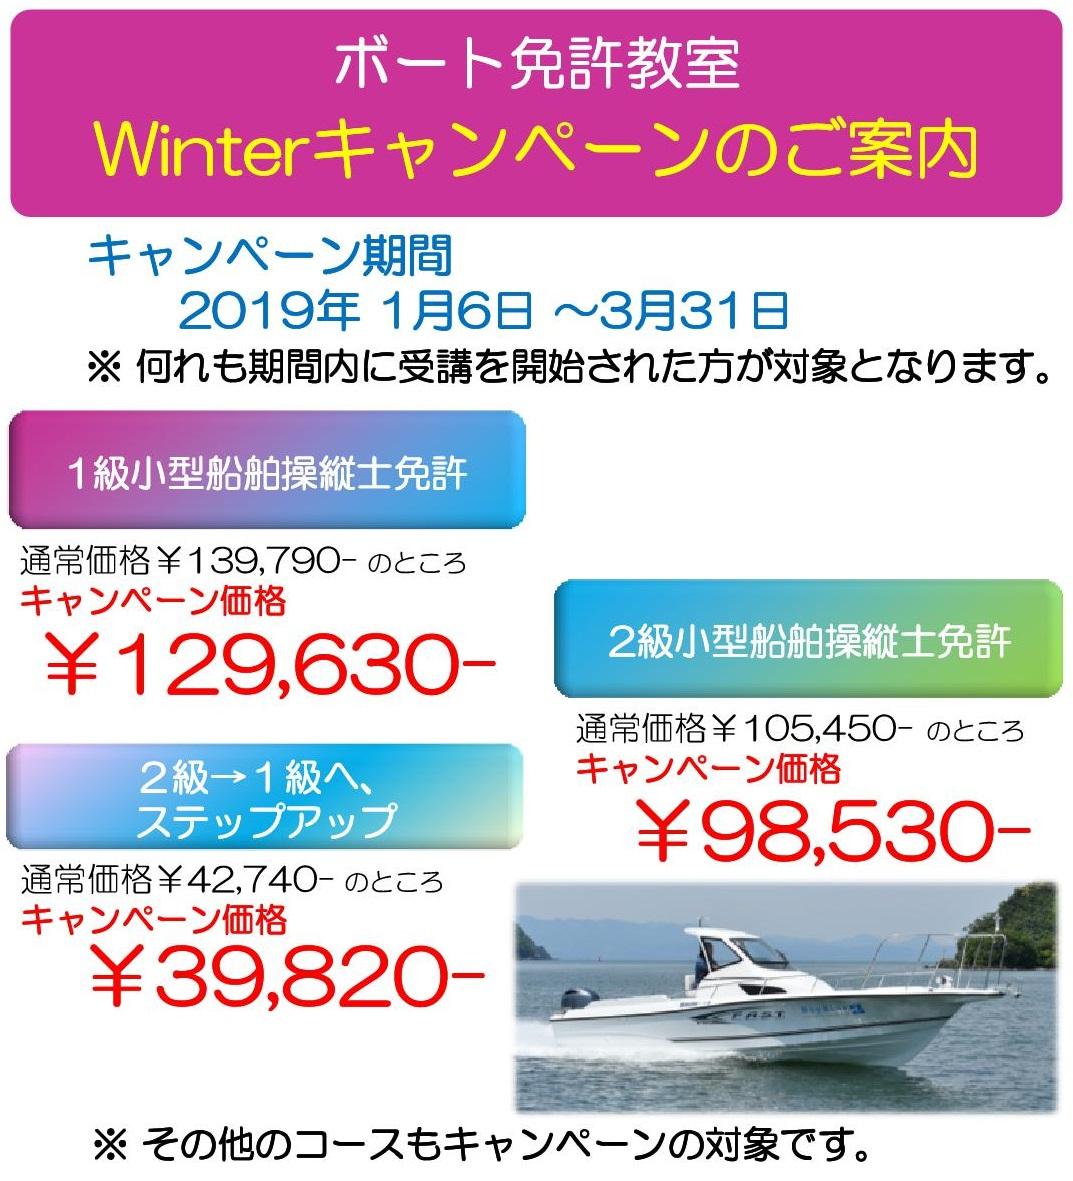 ボート免許教室 お得な冬季限定キャンペーンが始まります。